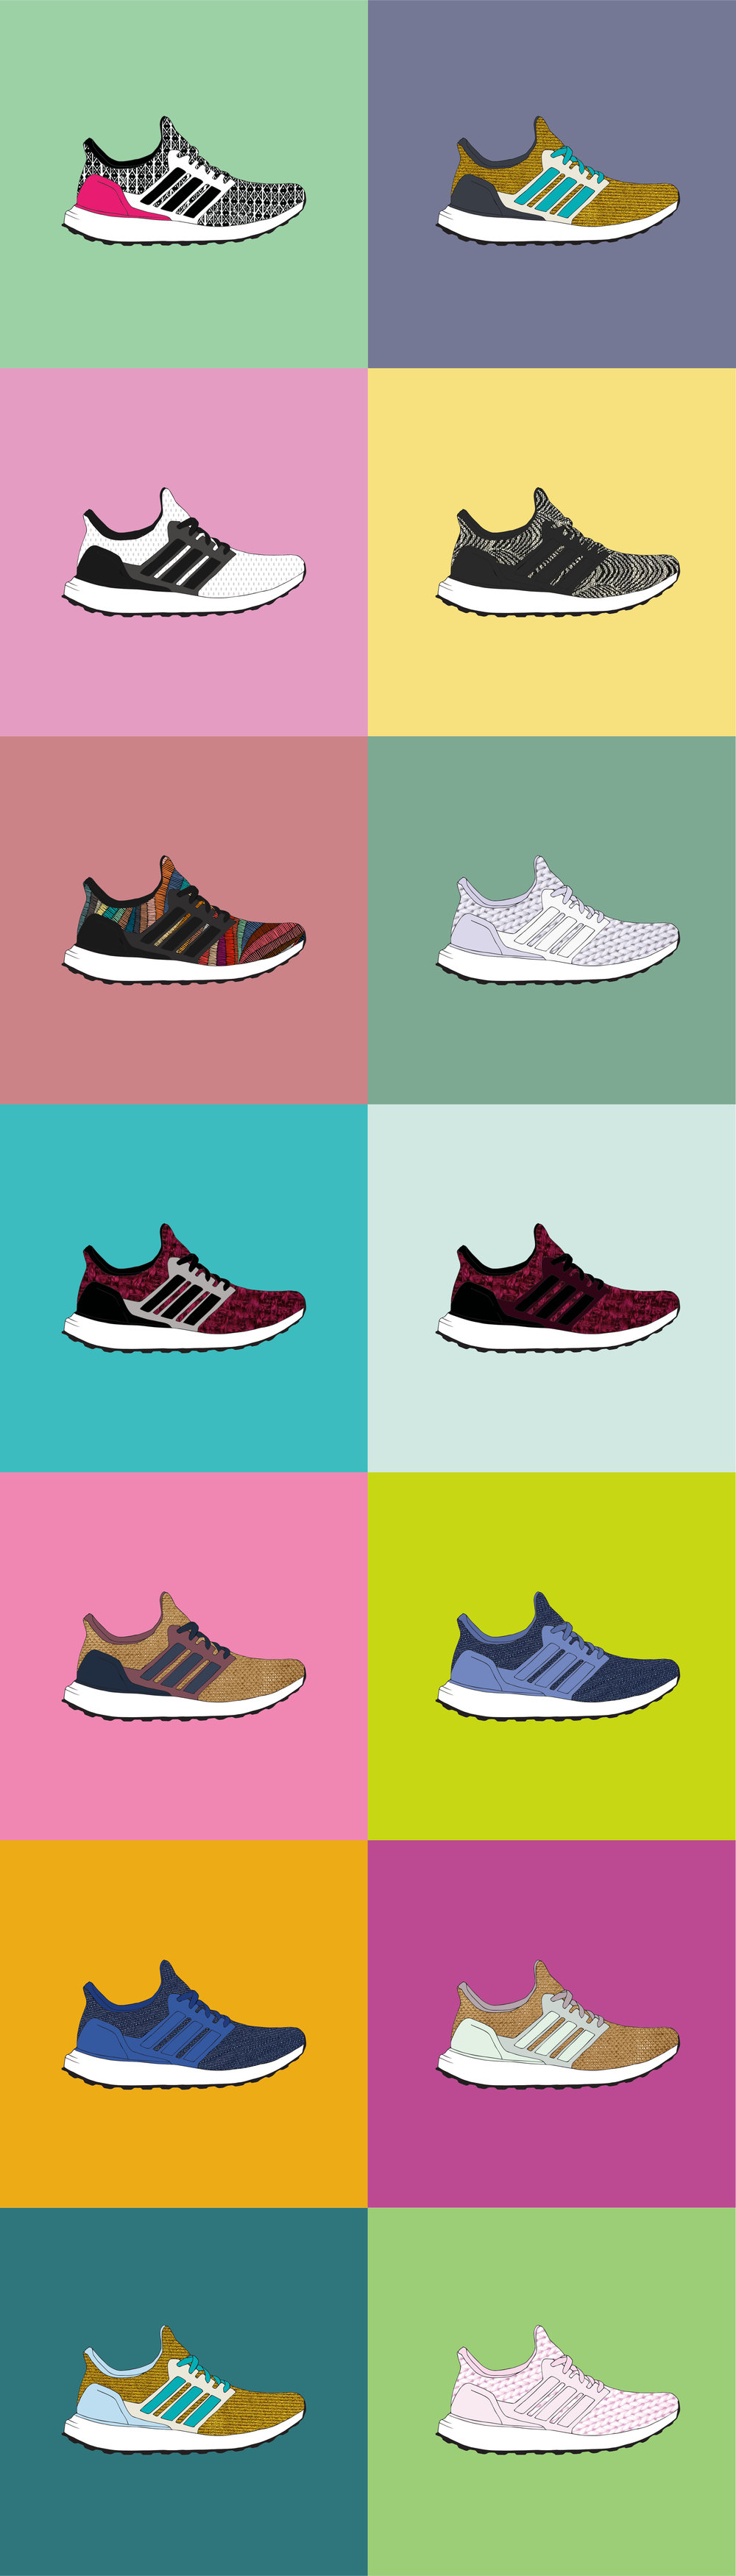 Final_Color_Comps-PORTFOLIO.jpg